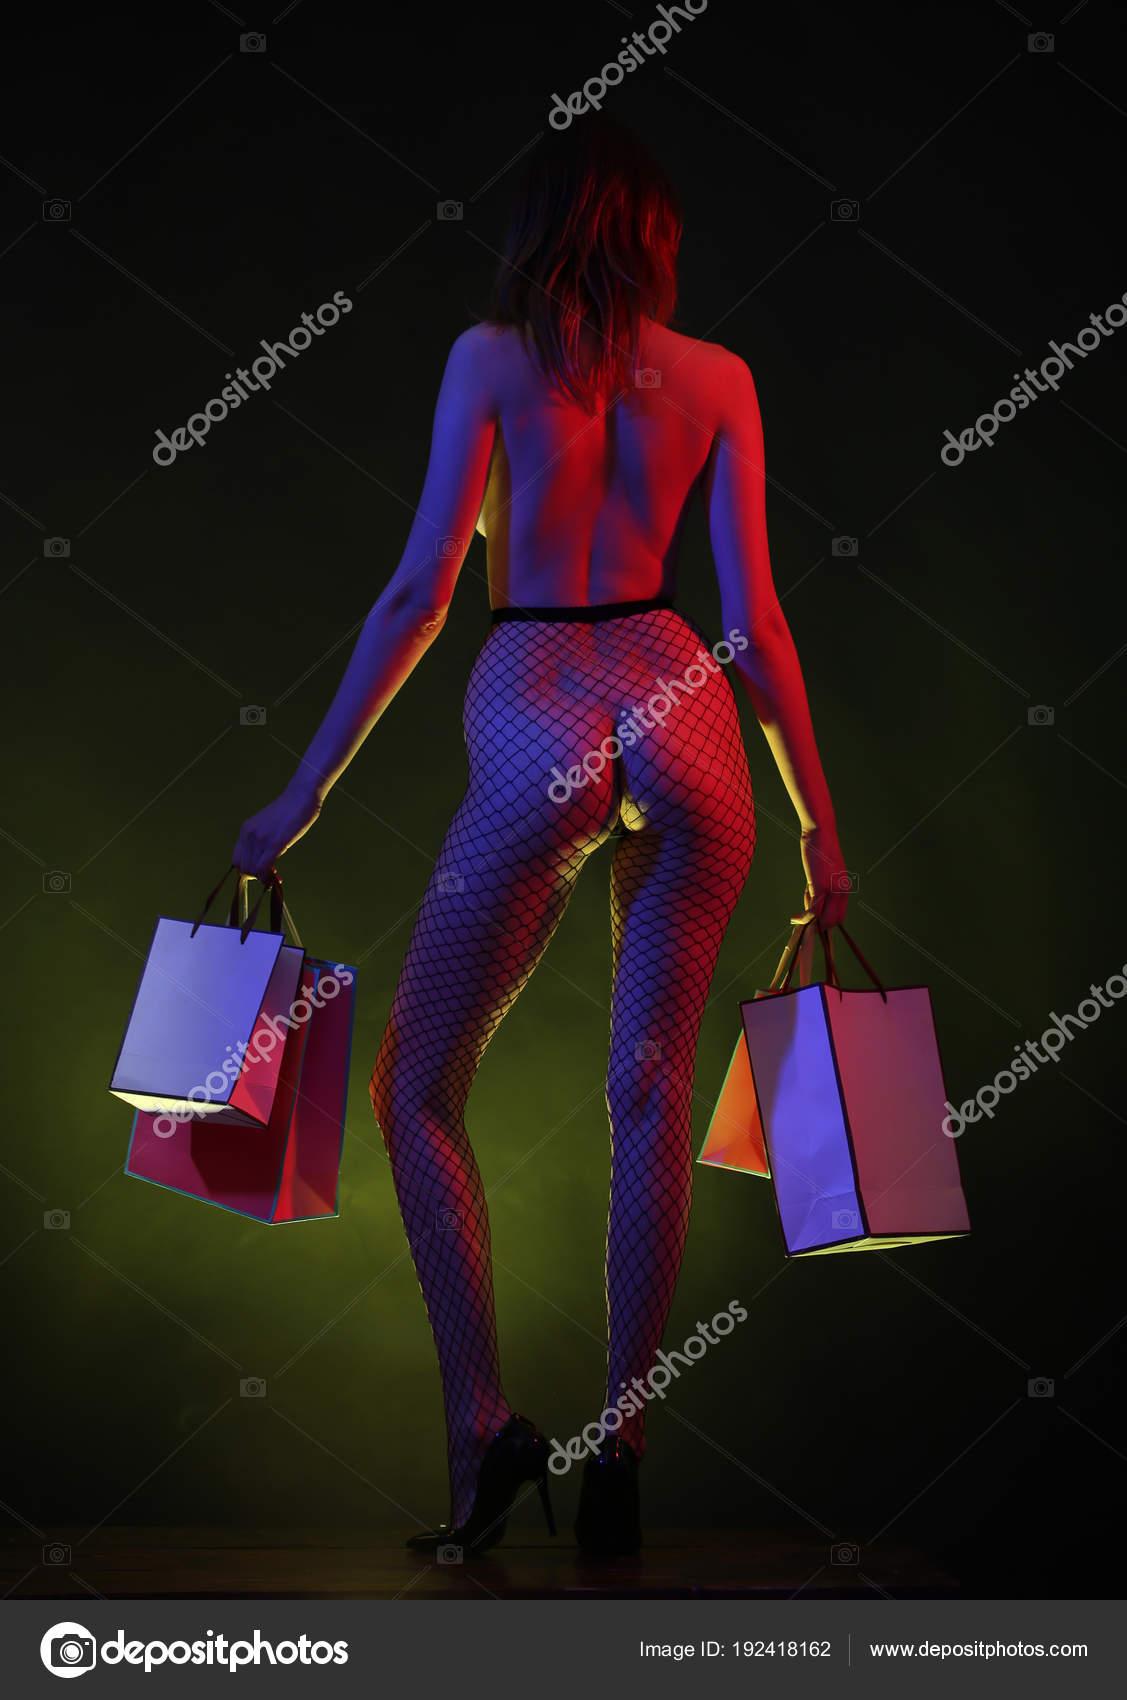 eroticheskie-magazin-foto-konchayut-na-zhivot-kamshot